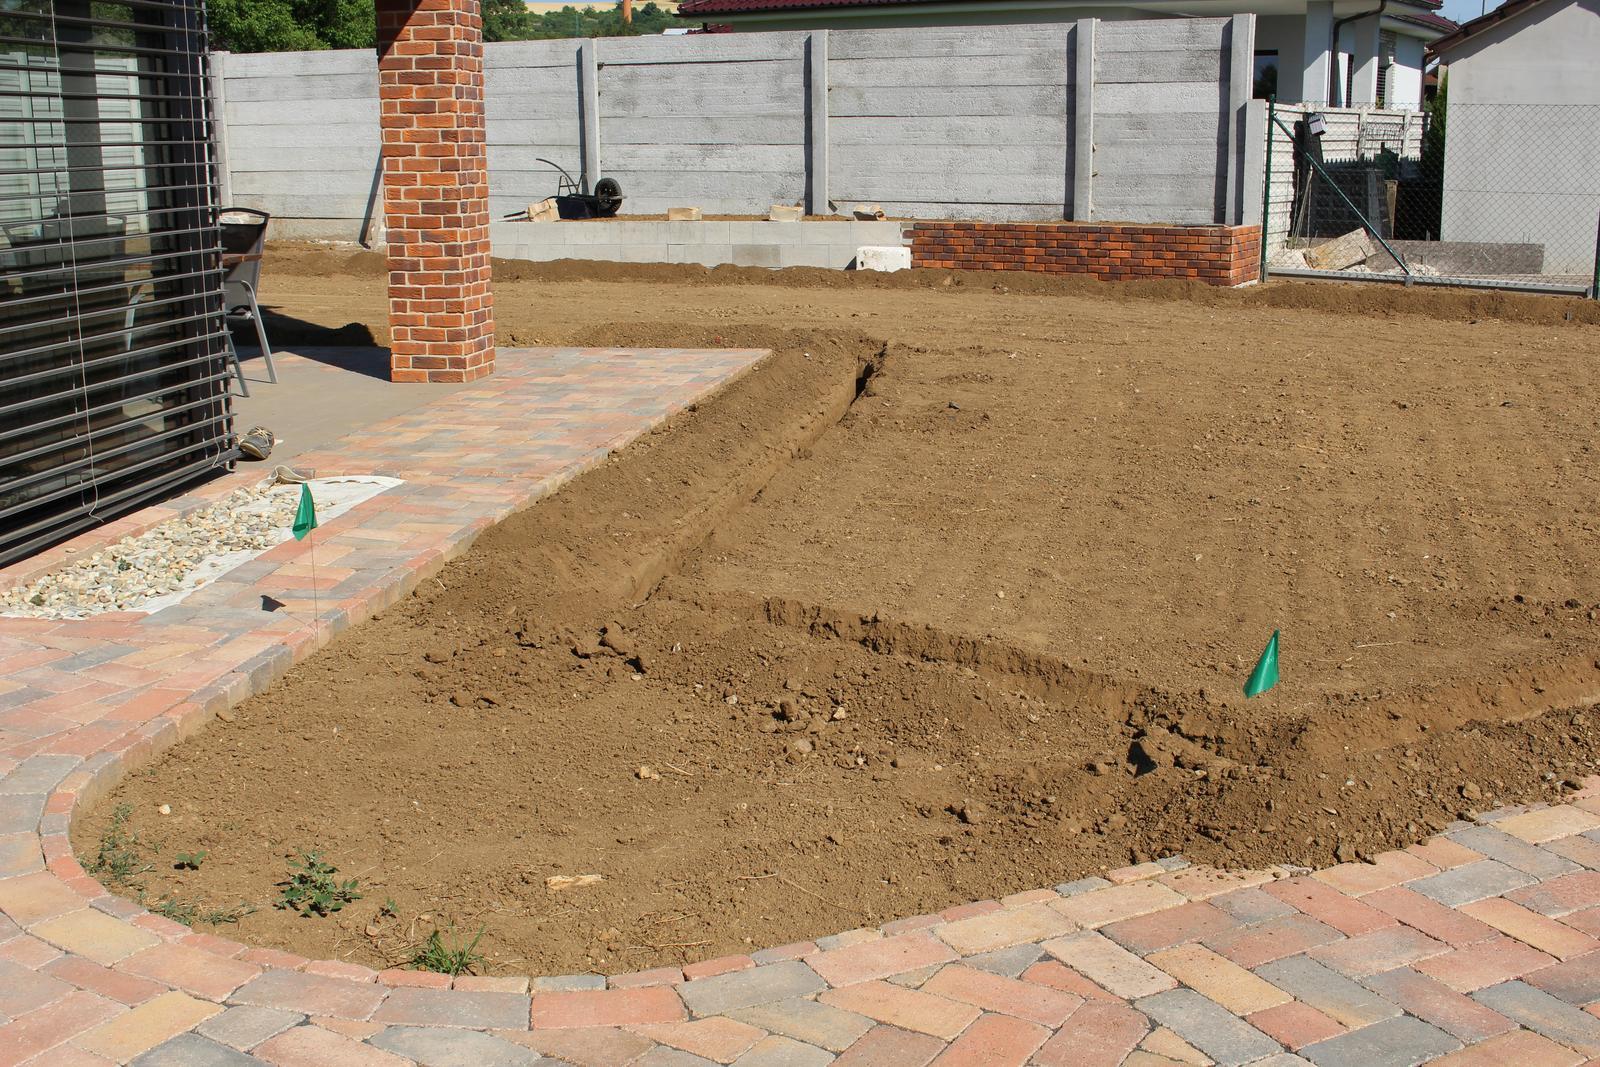 Exteriér - záhrada - Drážky na závlahu + v pozadí vyvýšený záhon obložený do polovice